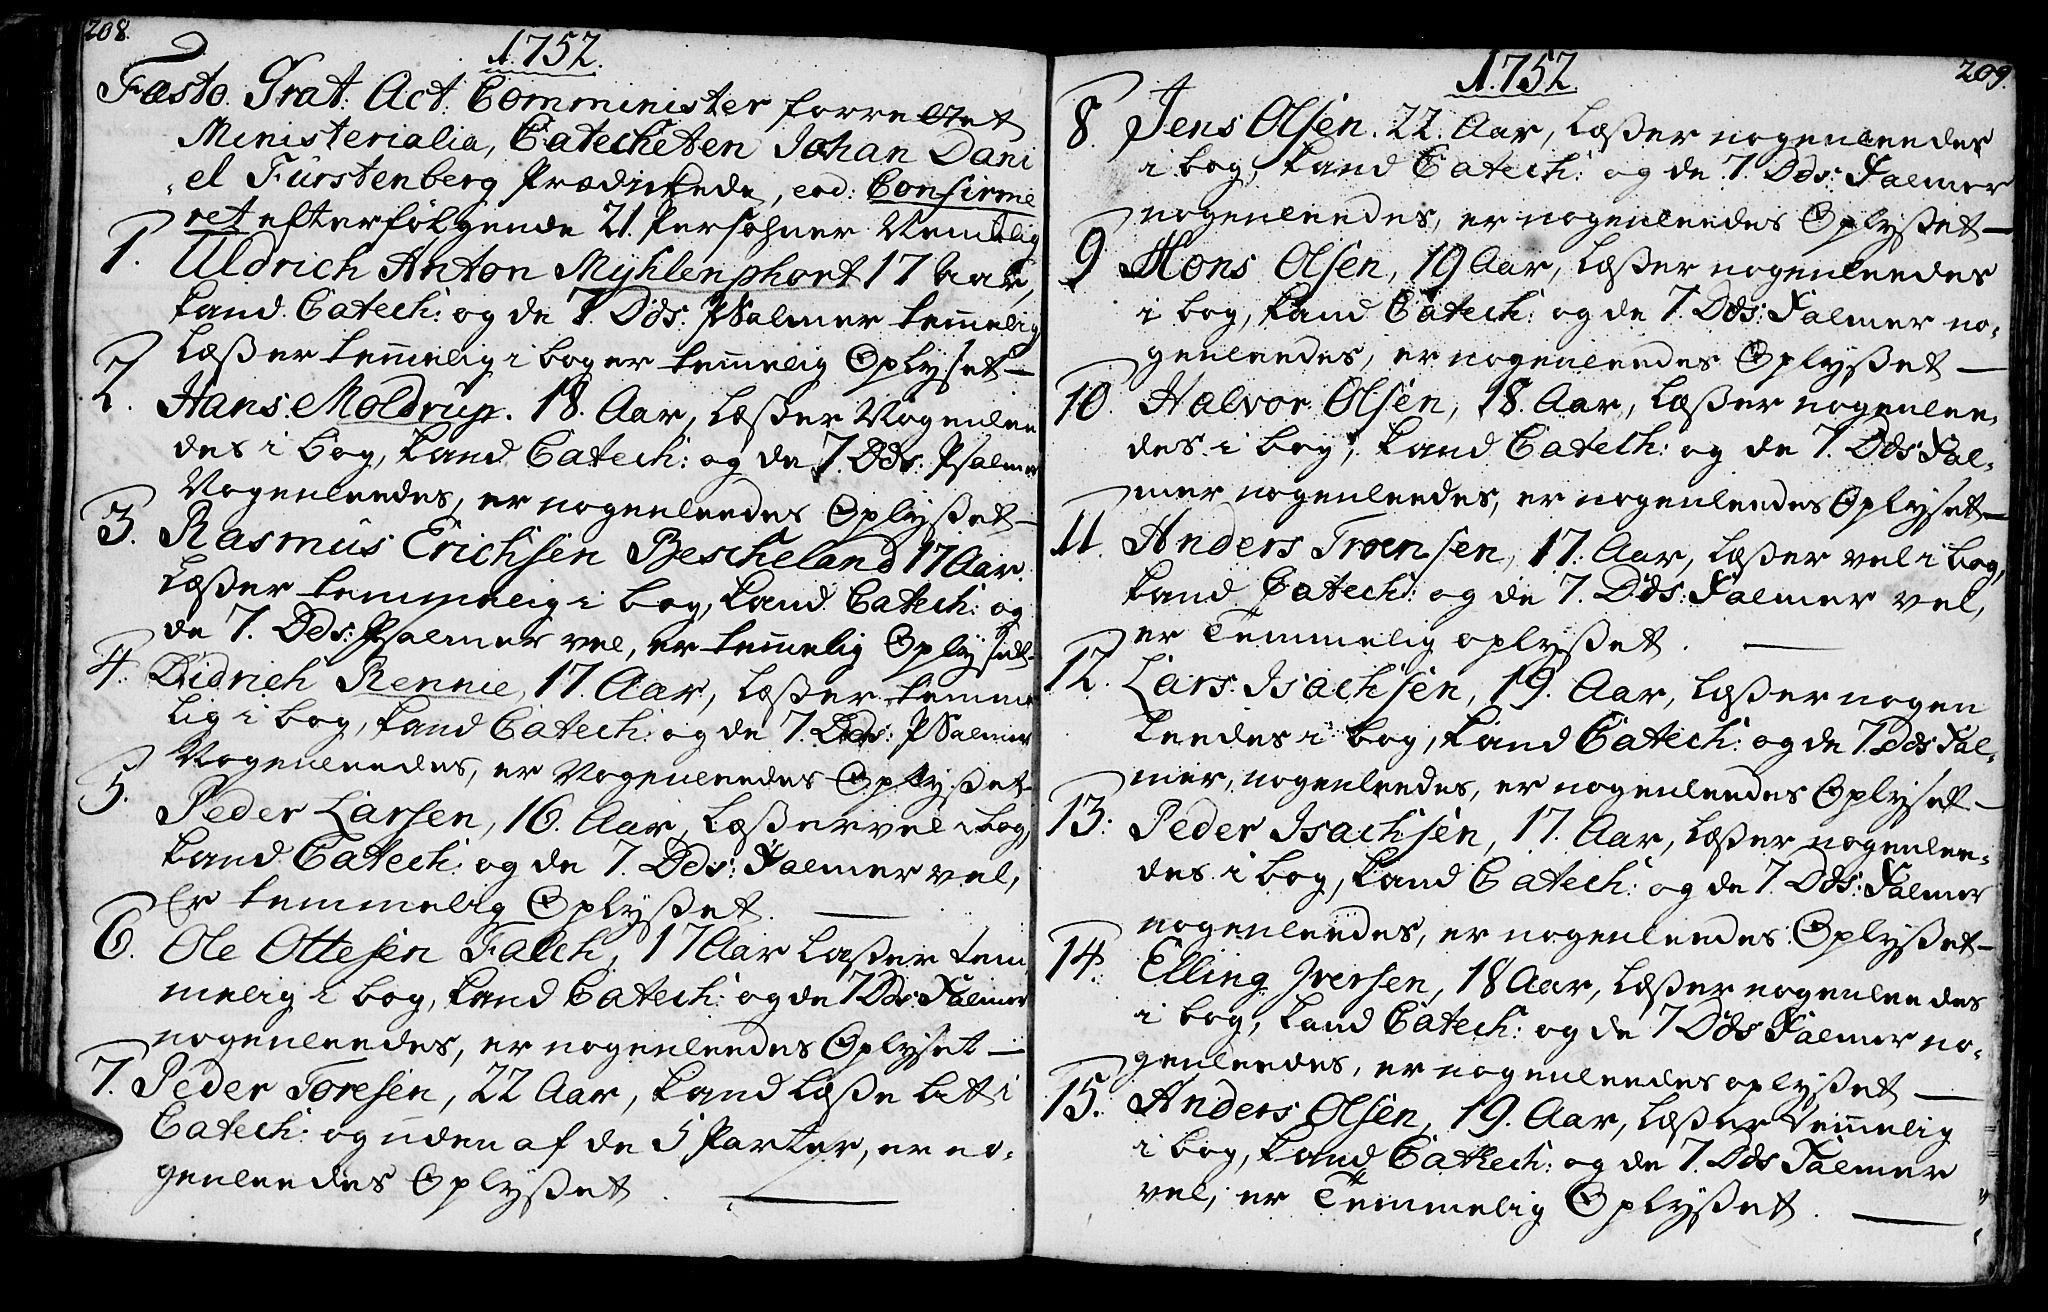 SAT, Ministerialprotokoller, klokkerbøker og fødselsregistre - Møre og Romsdal, 572/L0839: Parish register (official) no. 572A02, 1739-1754, p. 208-209